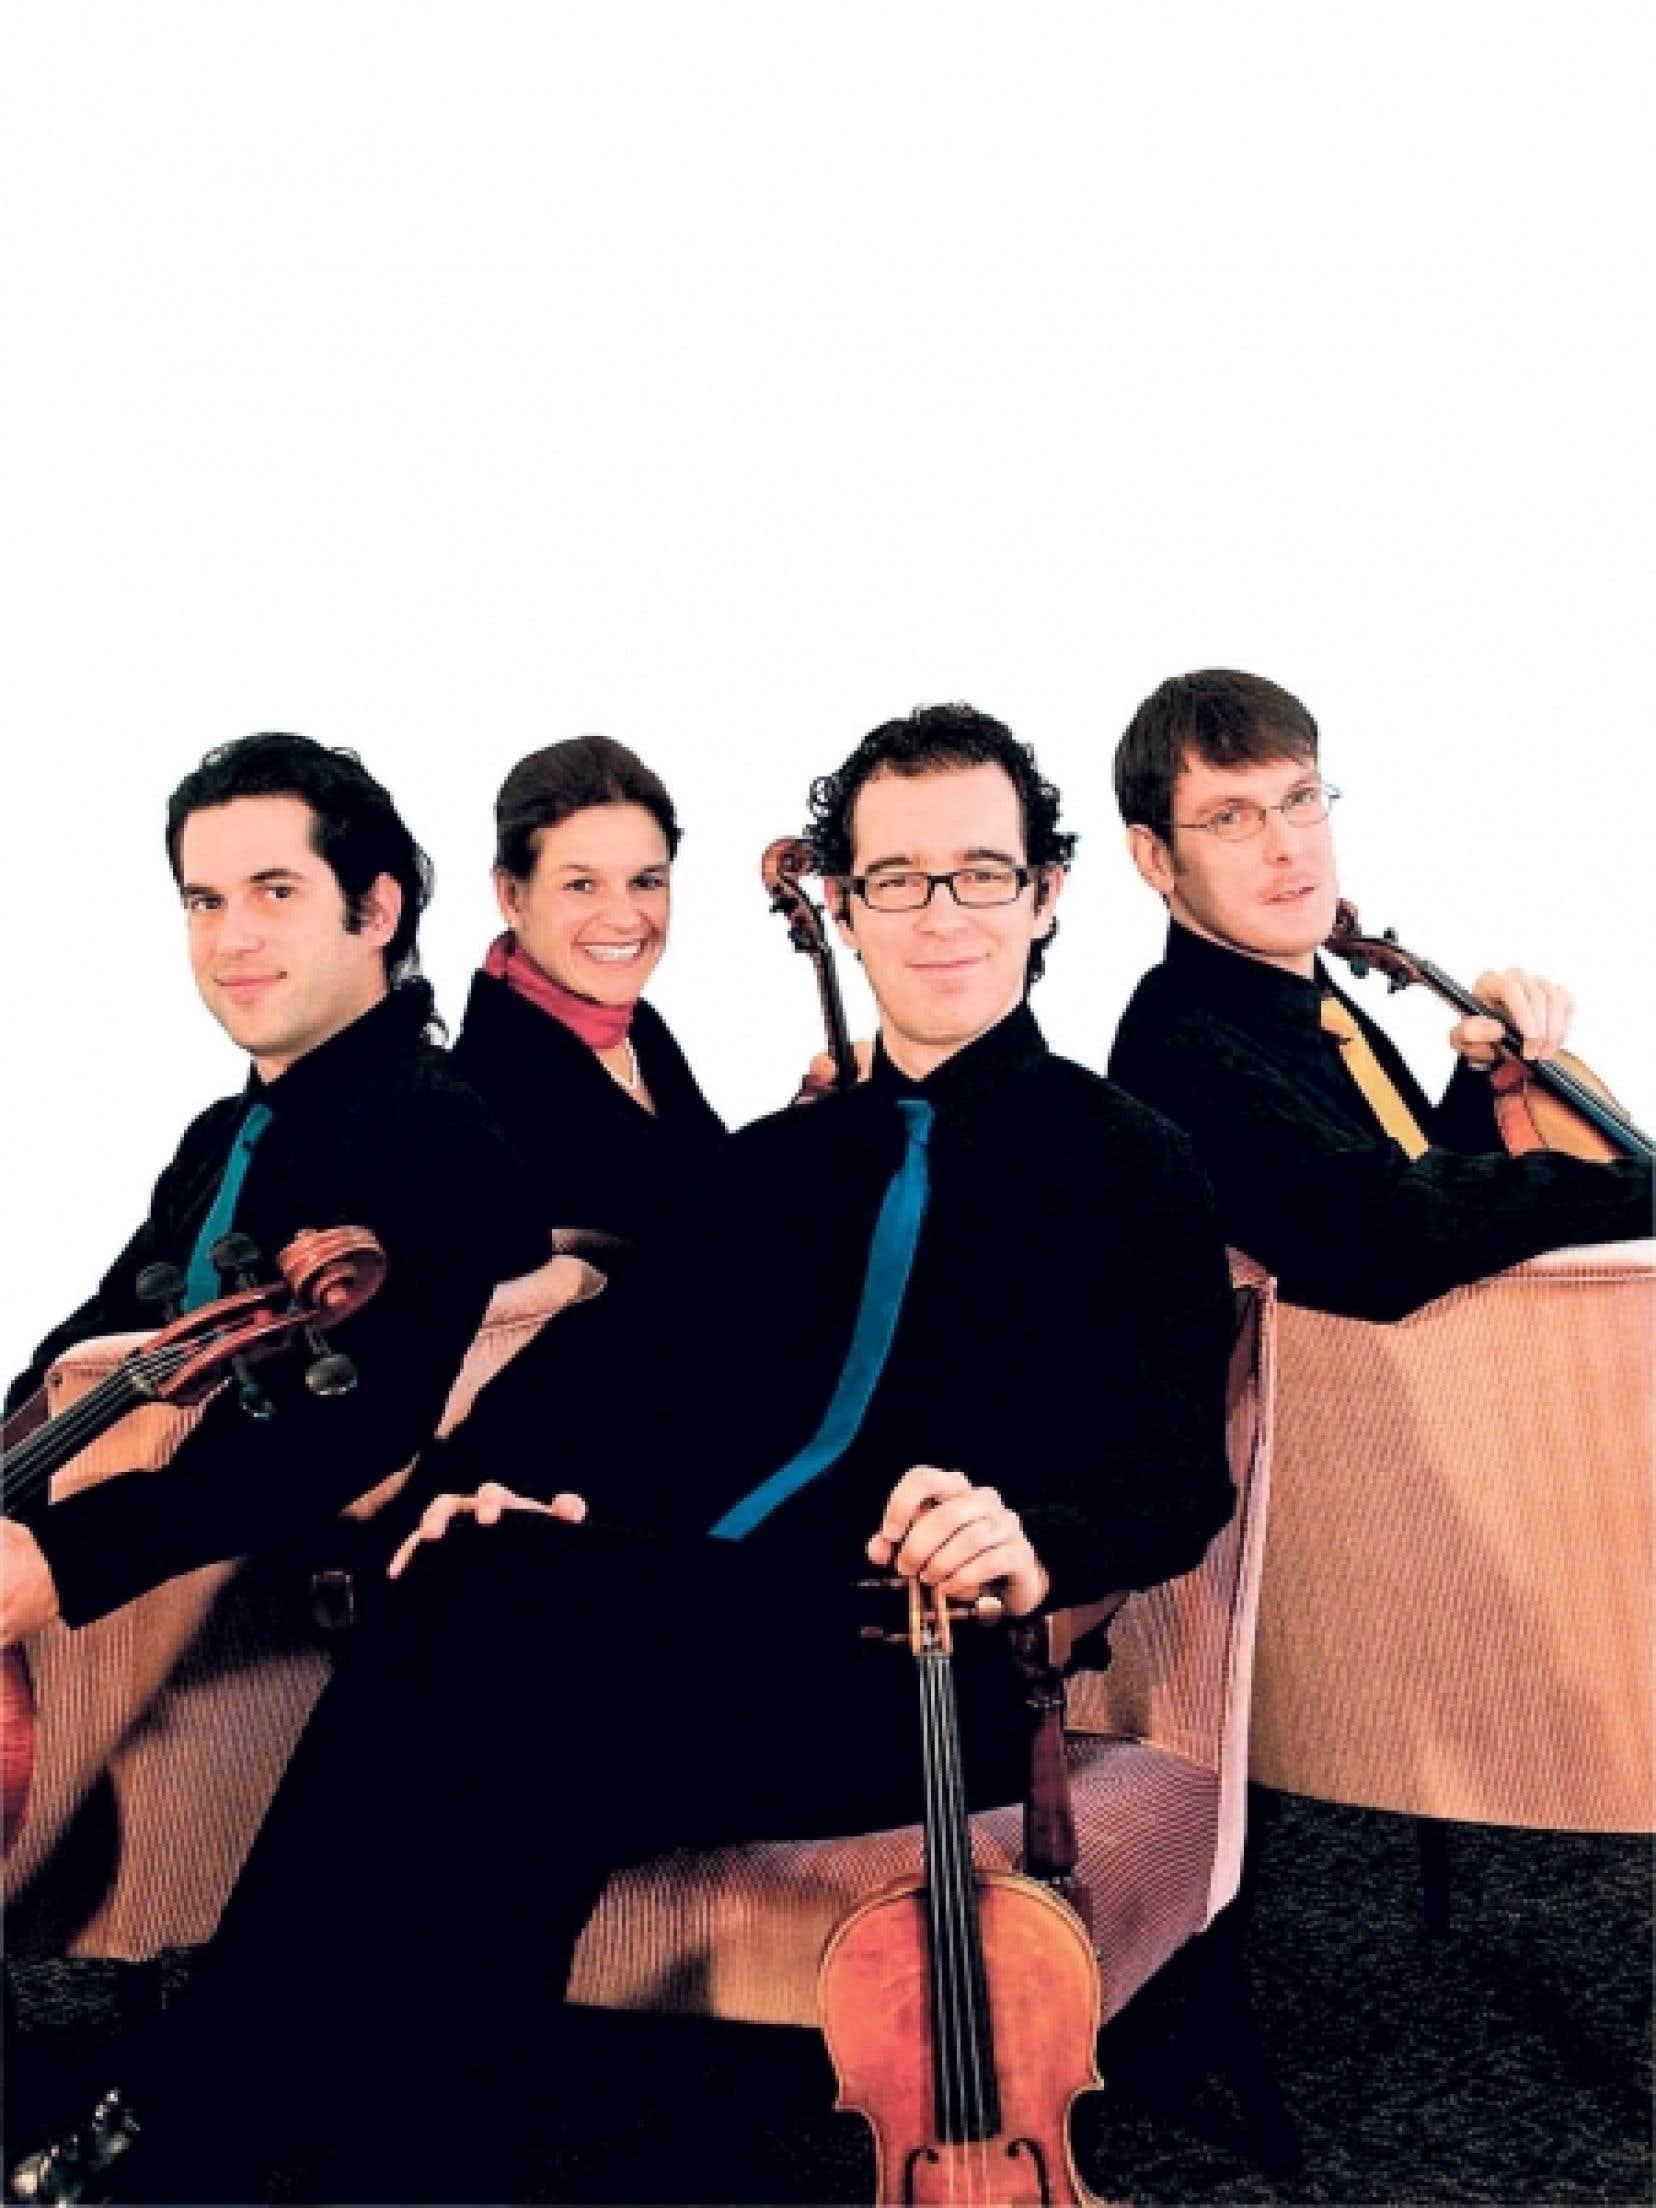 Le quatuor Molinari a une nouvelle fois remport&eacute; le prix Opus du concert de l&rsquo;ann&eacute;e &agrave; Montr&eacute;al.<br />